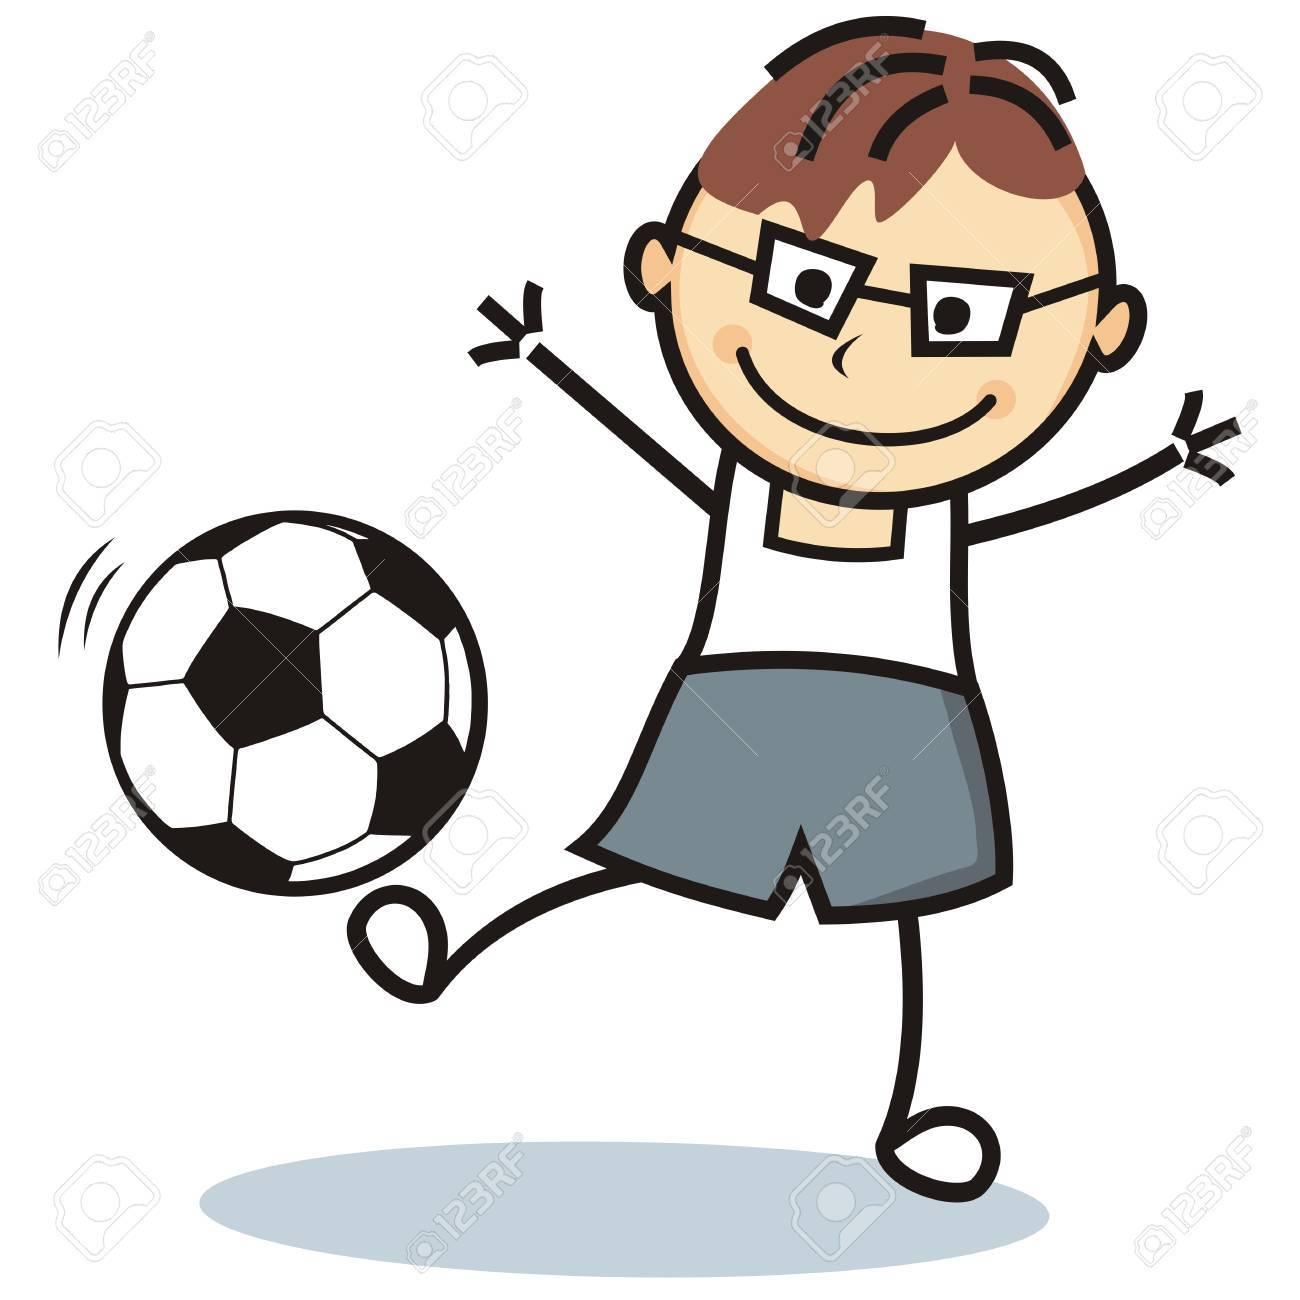 Funny football clipart 5 » Clipart Portal.